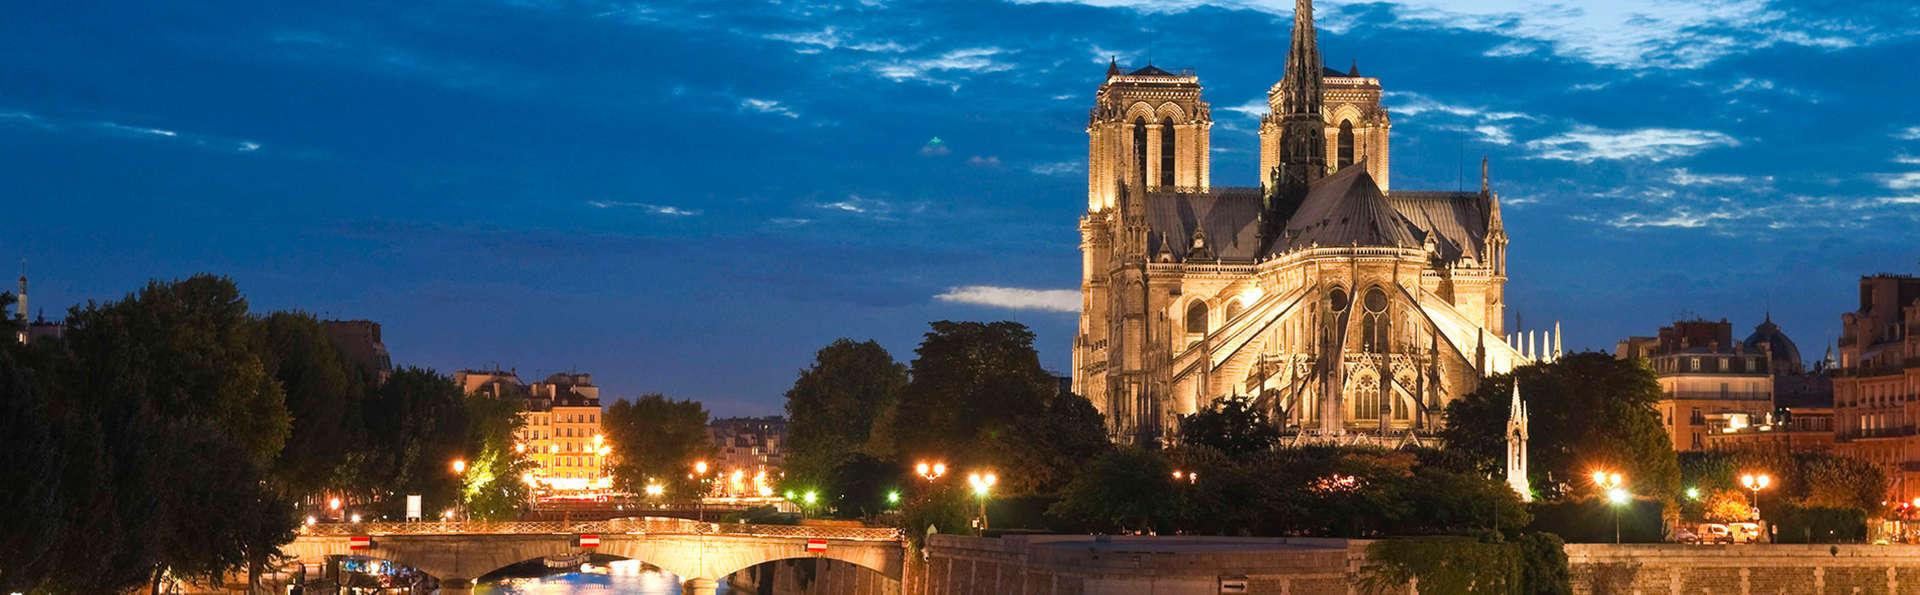 Acropolis Hotel Paris Boulogne - Edit_Destination3.jpg